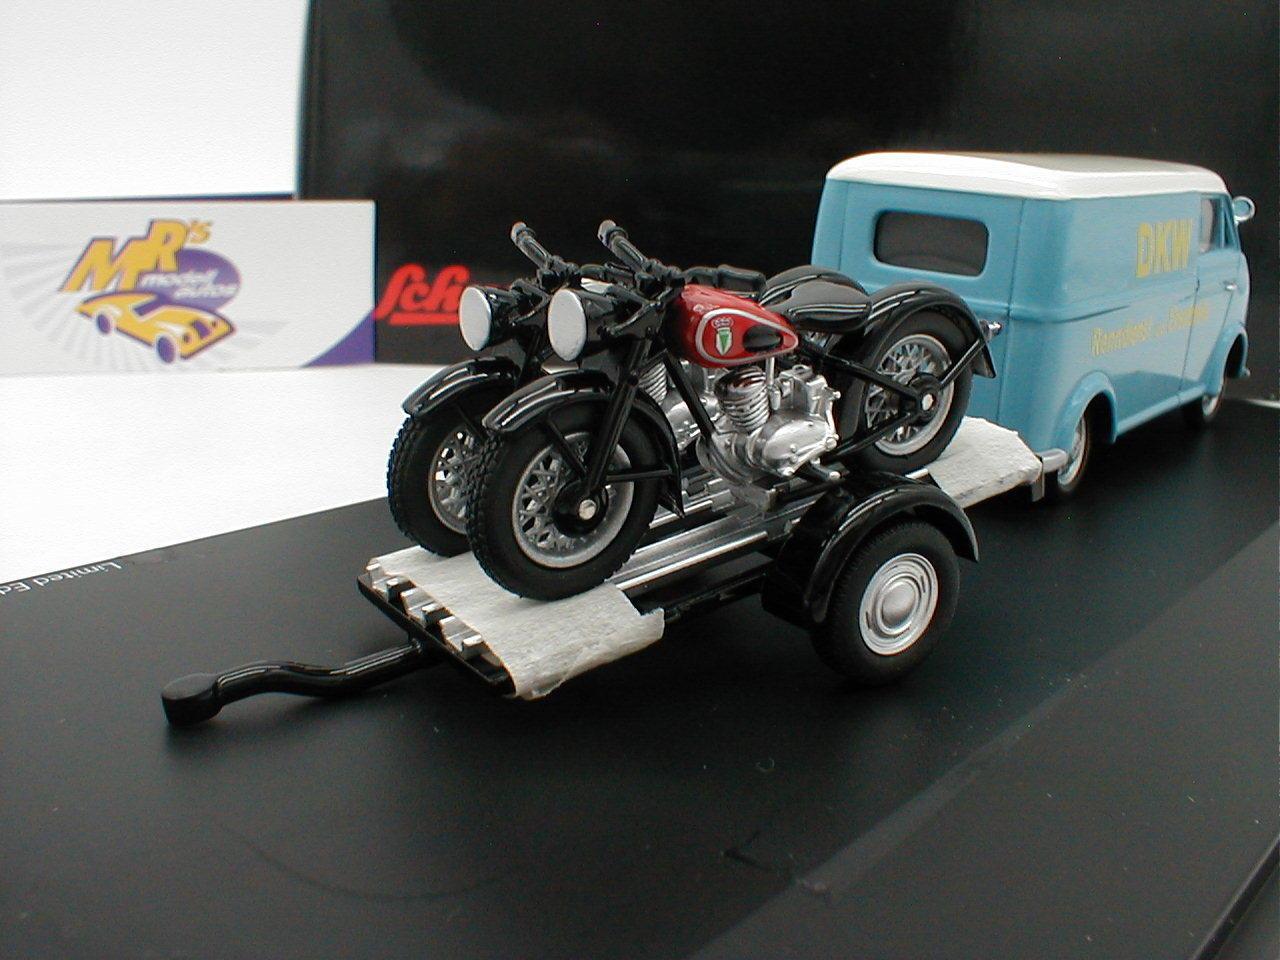 Schuco Schuco Schuco 02388 - DKW Schnelllaster m. Hänger + 2x Motorrad   DKW Renndienst   1 43 fb20a9